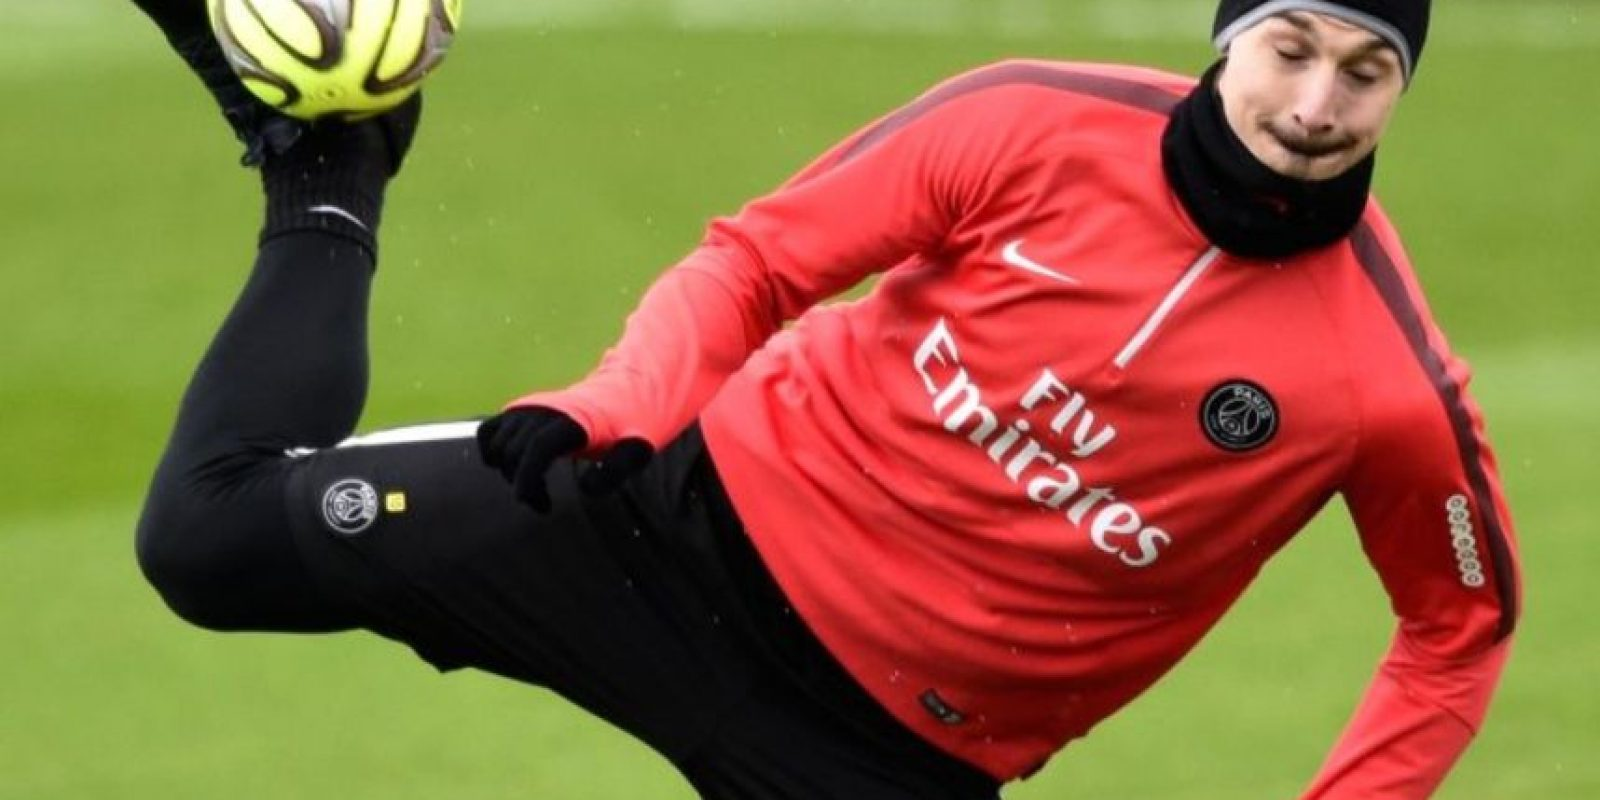 Hace unos años, Zlatan declaró que deseaba retirarse jugando en la MLS de Estados Unidos. Foto:Getty Images